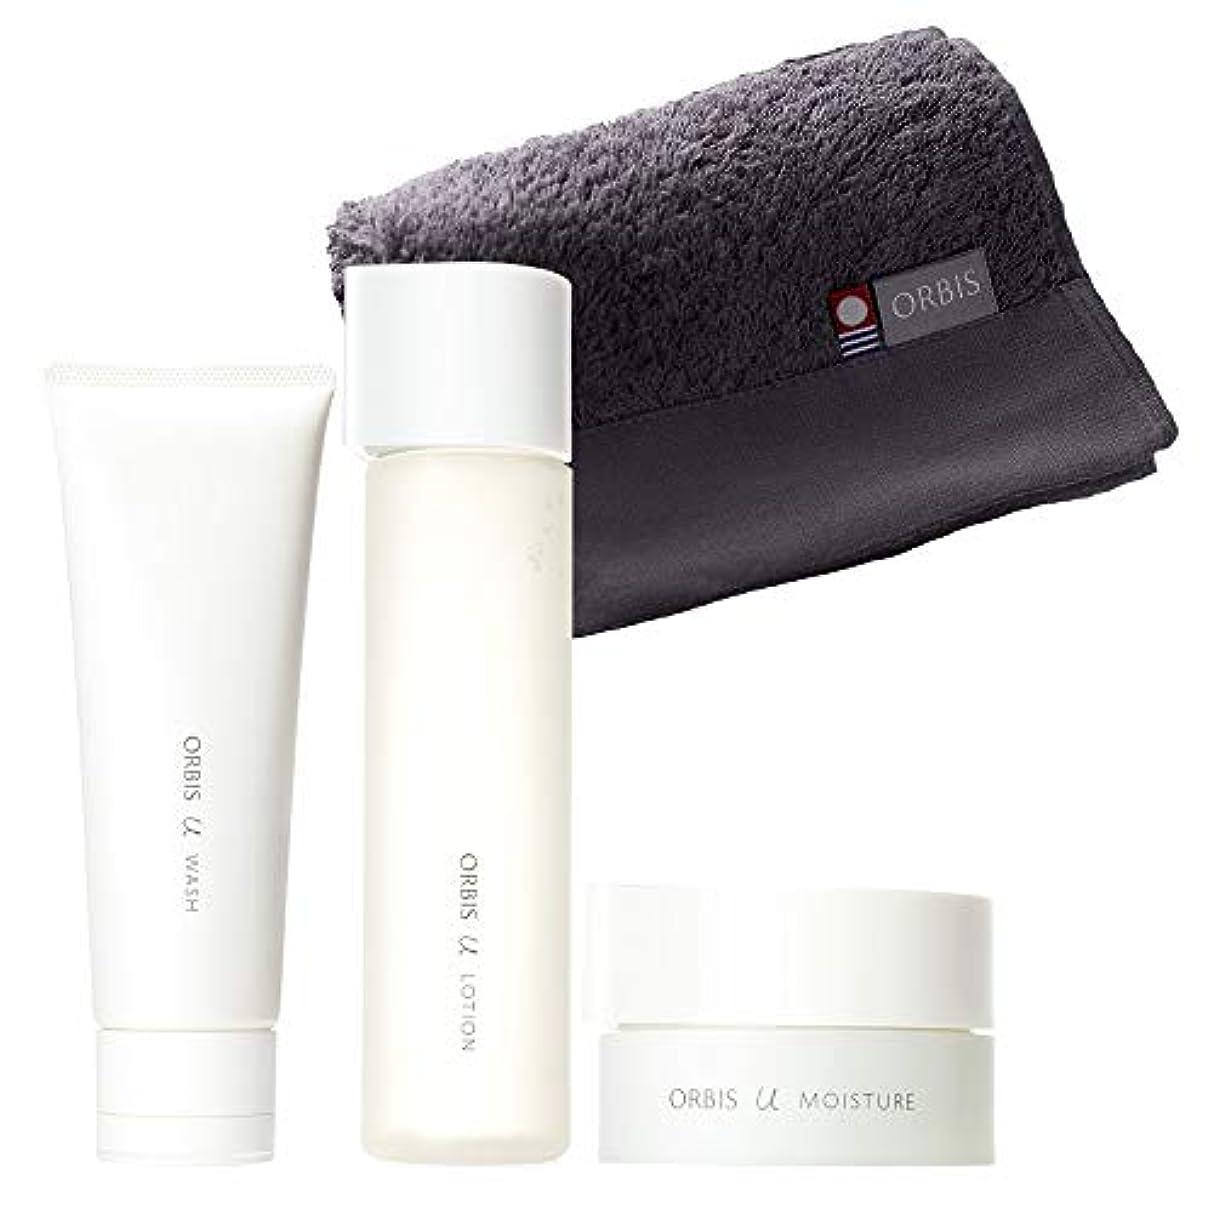 環境に優しい全能日焼けオルビス(ORBIS) オルビスユー 3ステップセット タオル付(洗顔料+化粧水+保湿液)